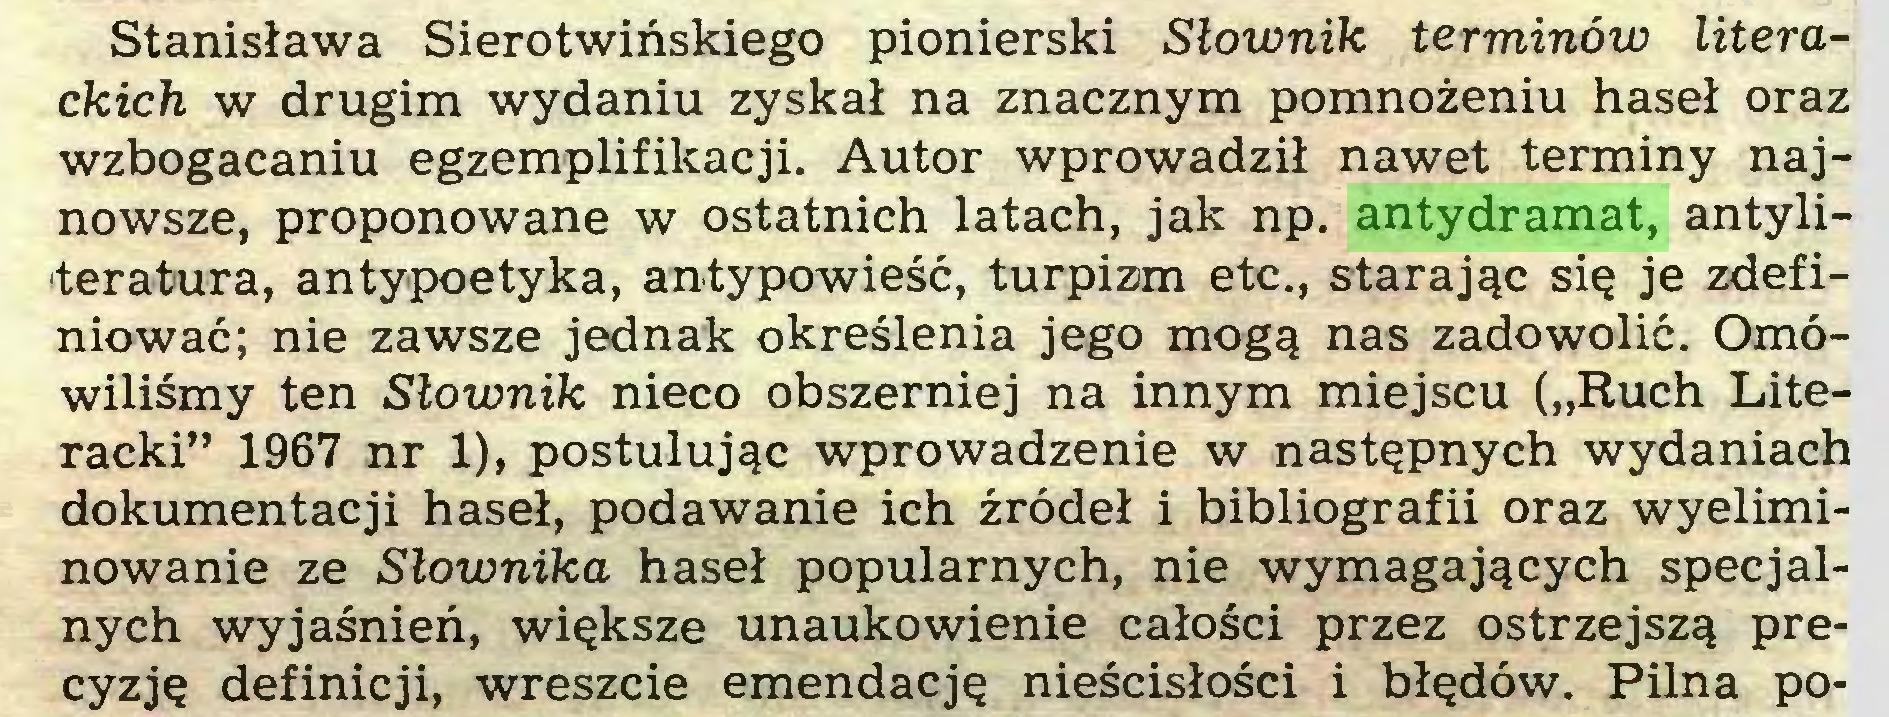 """(...) Stanisława Sierotwińskiego pionierski Słownik terminów literackich w drugim wydaniu zyskał na znacznym pomnożeniu haseł oraz wzbogacaniu egzemplifikacji. Autor wprowadził nawet terminy najnowsze, proponowane w ostatnich latach, jak np. antydramat, antyliteratura, antypoetyka, antypowieść, turpizm etc., starając się je zdefiniować; nie zawsze jednak określenia jego mogą nas zadowolić. Omówiliśmy ten Słownik nieco obszerniej na innym miejscu (""""Ruch Literacki"""" 1967 nr 1), postulując wprowadzenie w następnych wydaniach dokumentacji haseł, podawanie ich źródeł i bibliografii oraz wyeliminowanie ze Słownika haseł popularnych, nie wymagających specjalnych wyjaśnień, większe unaukowienie całości przez ostrzejszą precyzję definicji, wreszcie emendację nieścisłości i błędów. Pilna po..."""